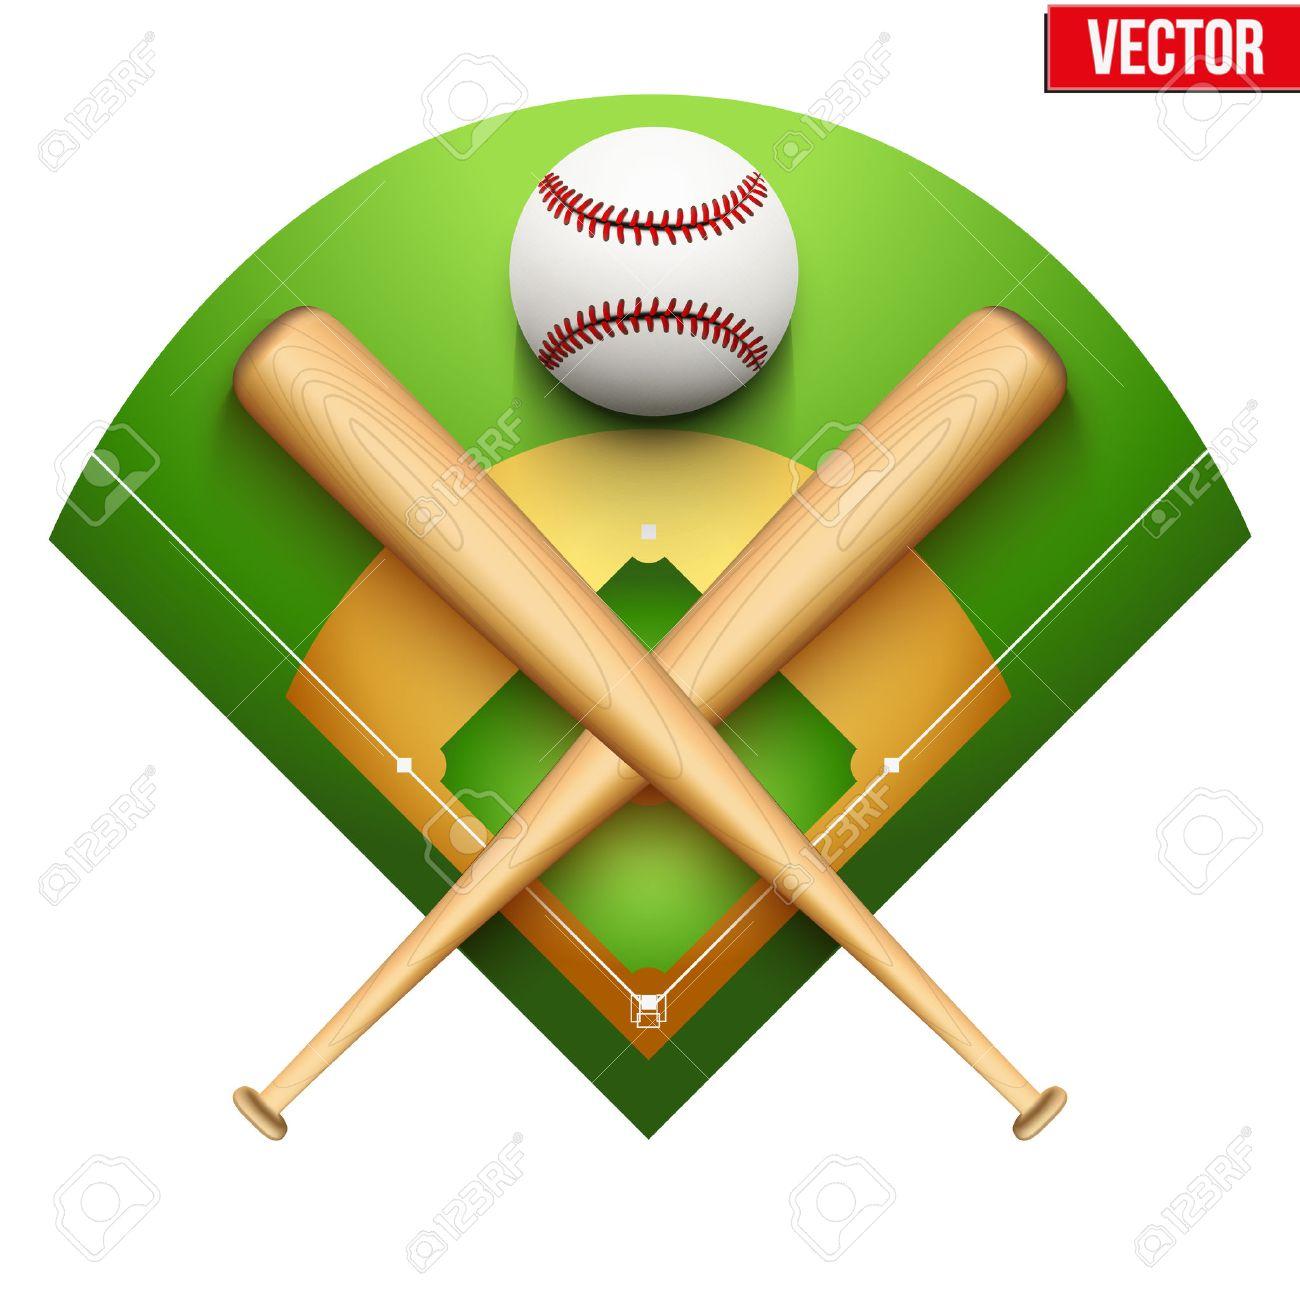 38 757 baseball cliparts stock vector and royalty free baseball